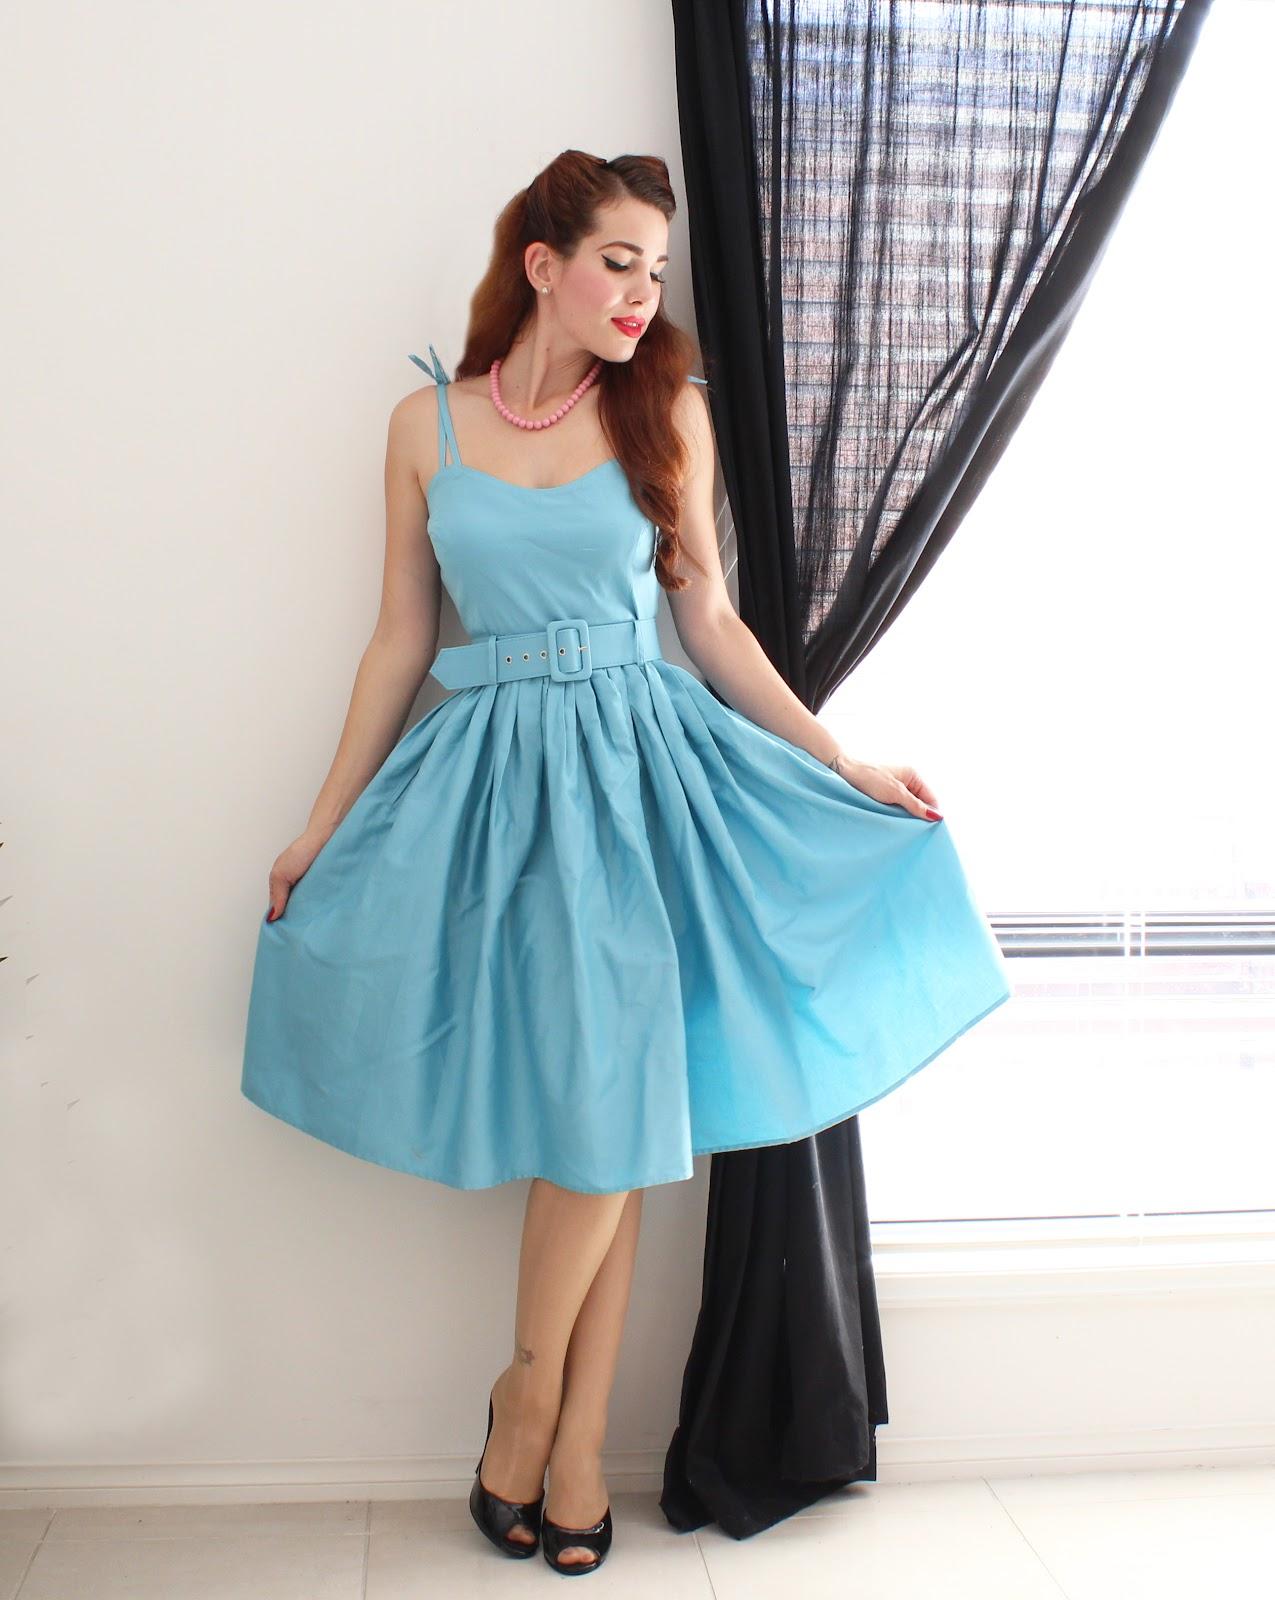 cbca1c366c Jade You Look - Collectif Jade Dress and Accessories